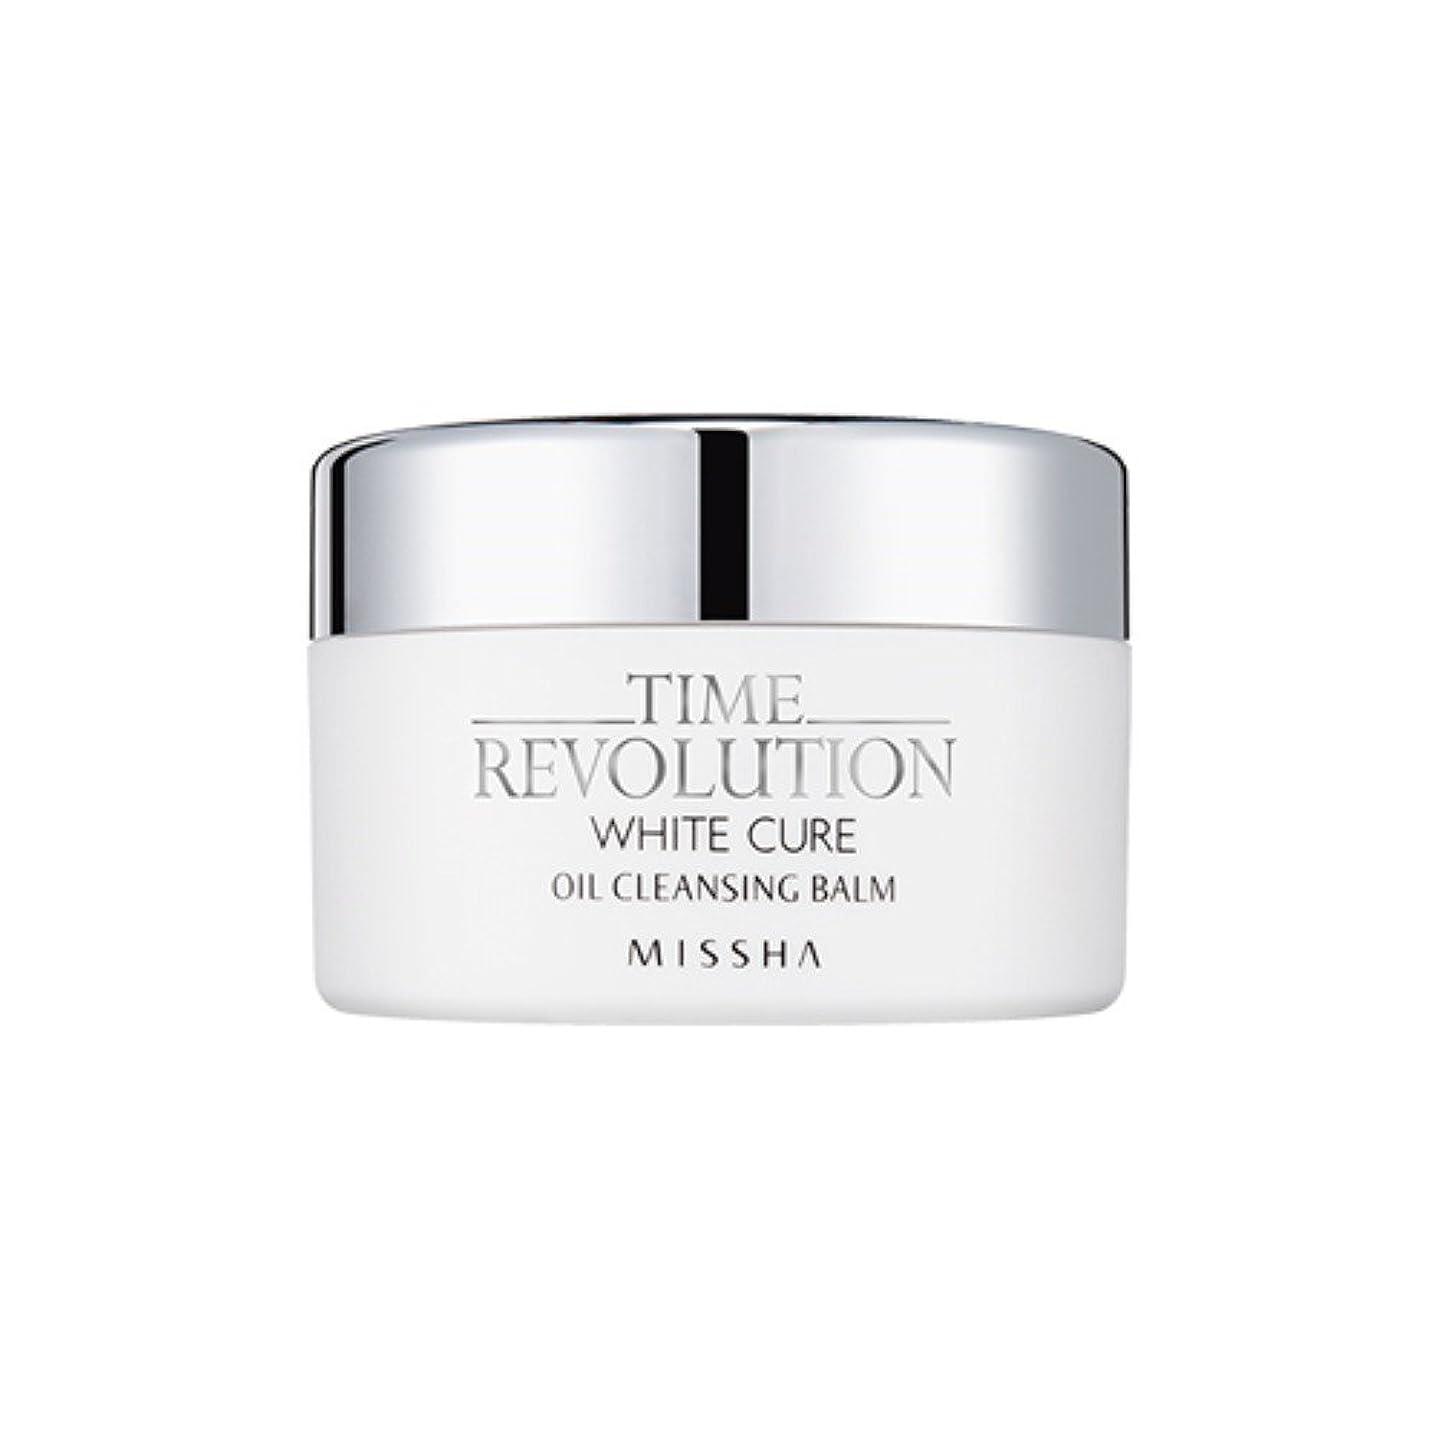 食物高度な奨学金[New] MISSHA Time Revolution White Cure Oil Cleansing Balm 105g/ミシャ タイムレボリューション ホワイト キュア オイル クレンジング バーム 105g